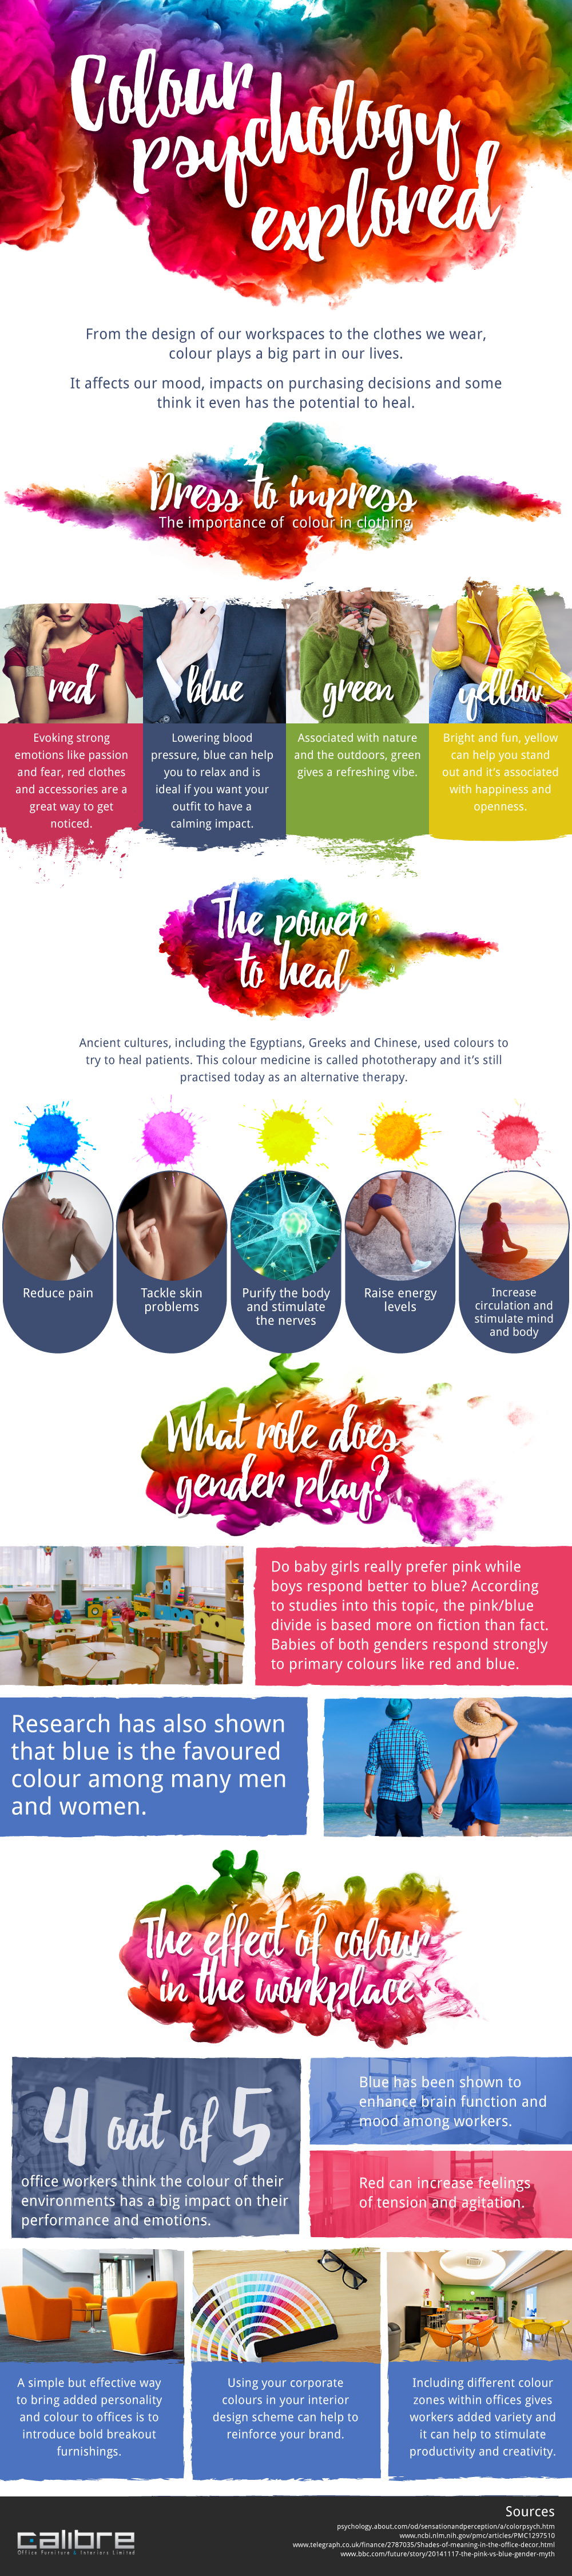 Calibre-Furniture-Colour-Psychology-Explored